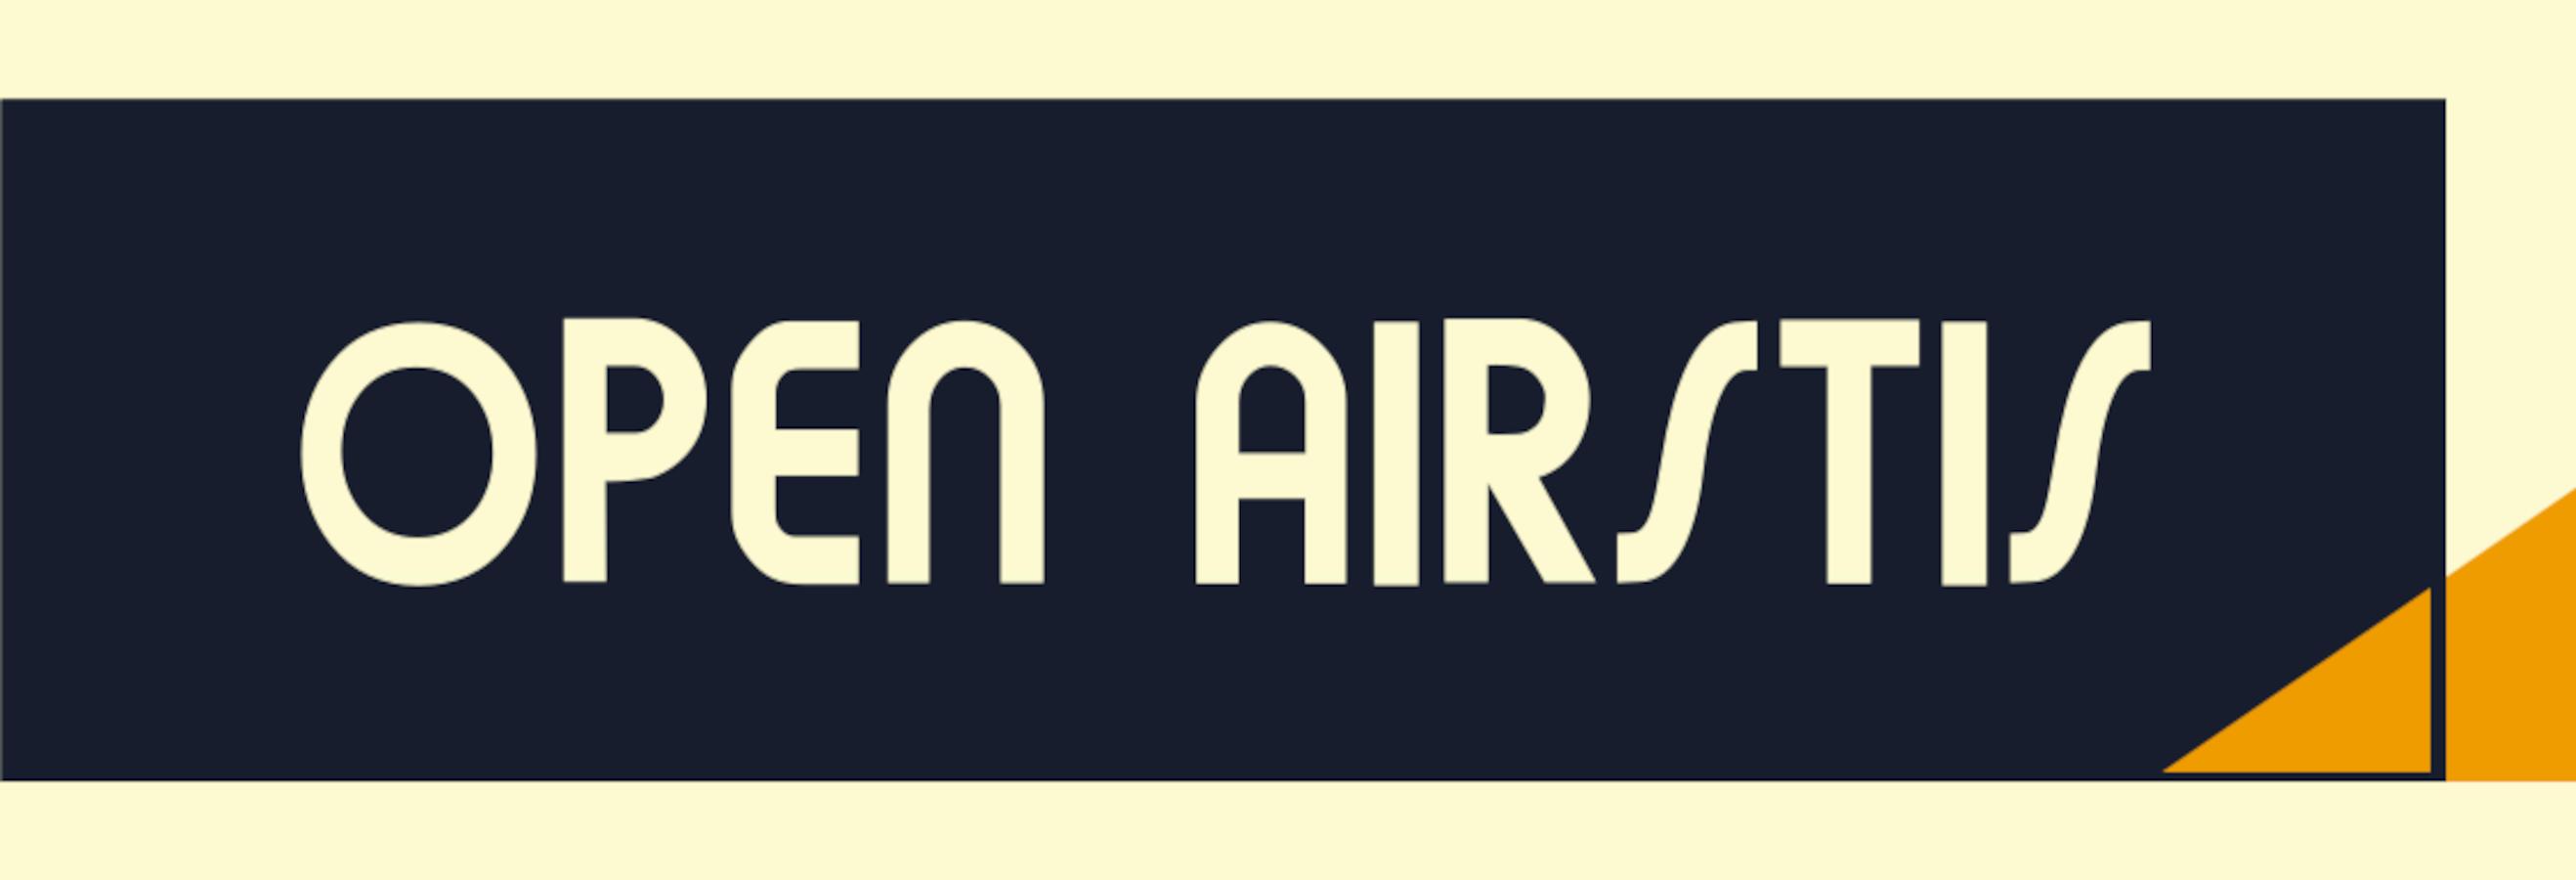 Open Airstis